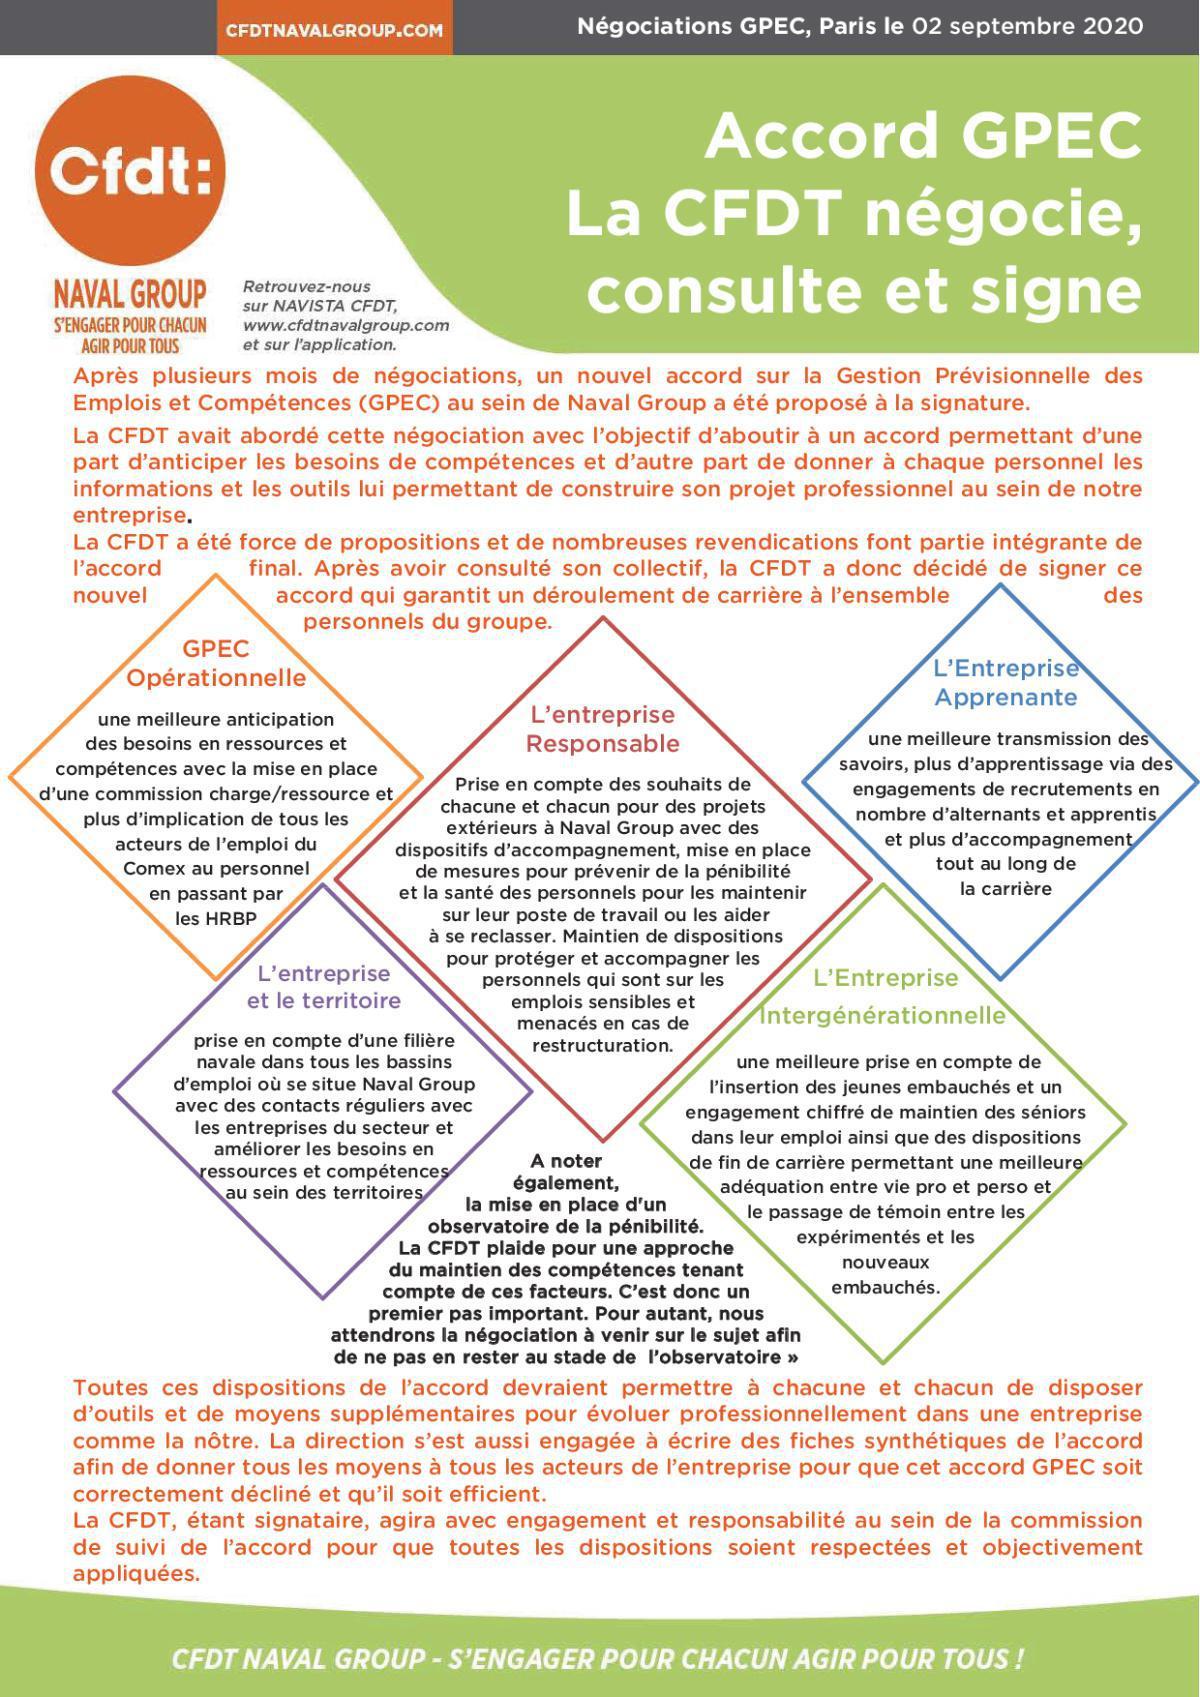 Accord GPEC : La CFDT négocie, consulte et signe